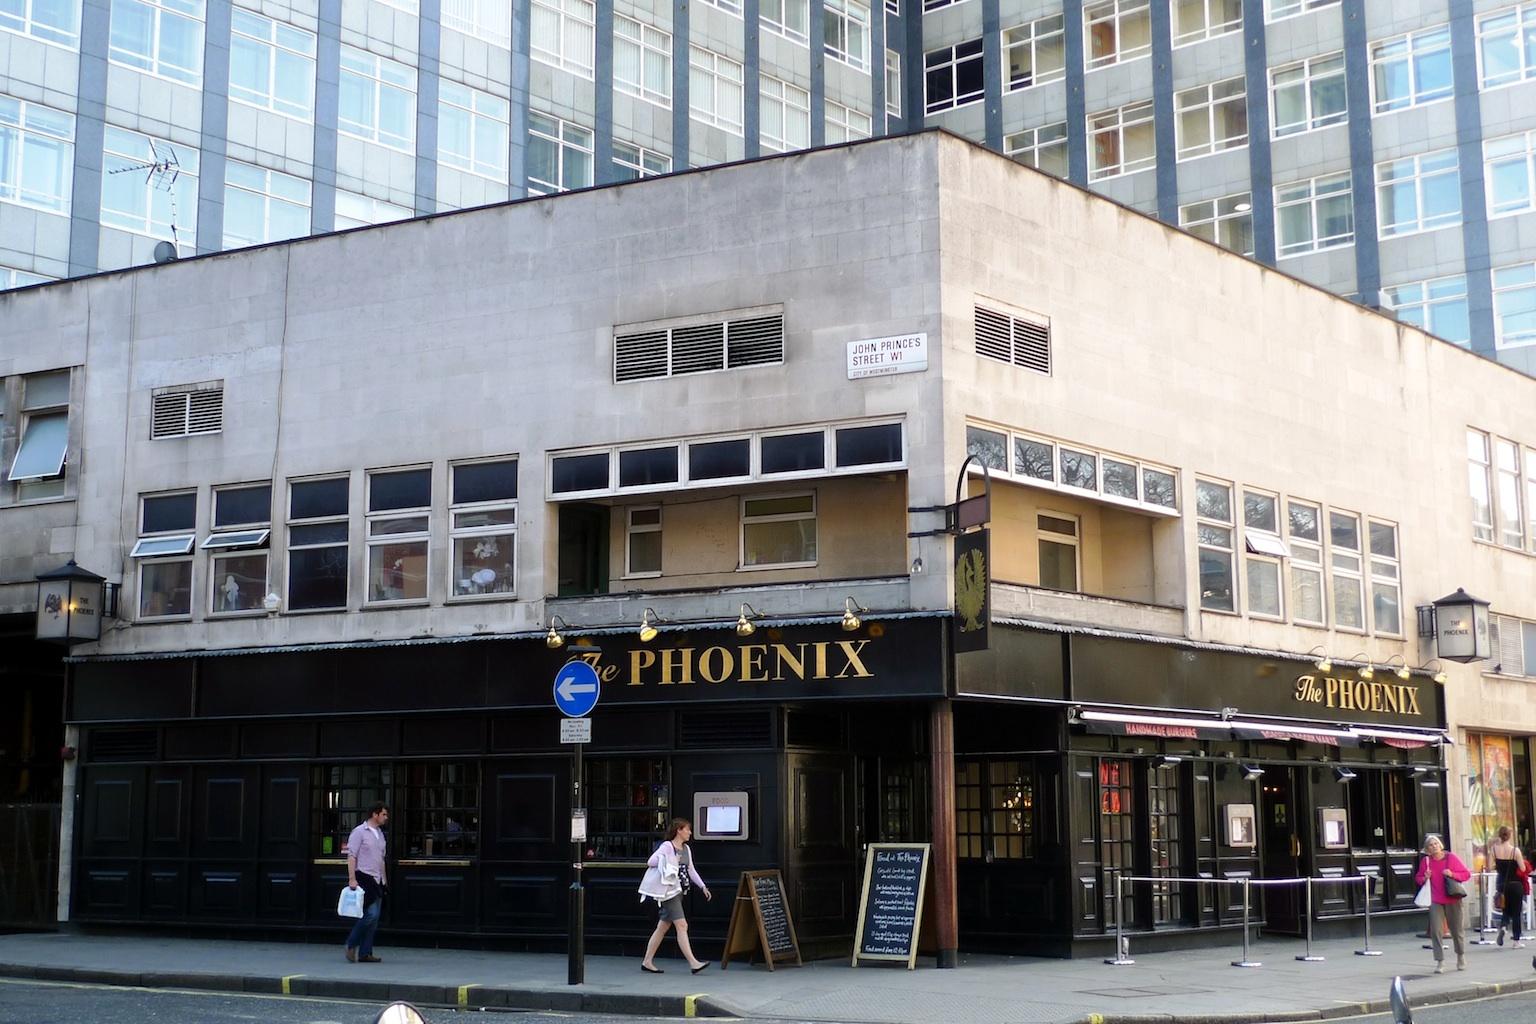 The Phoenix, Cavendish Square